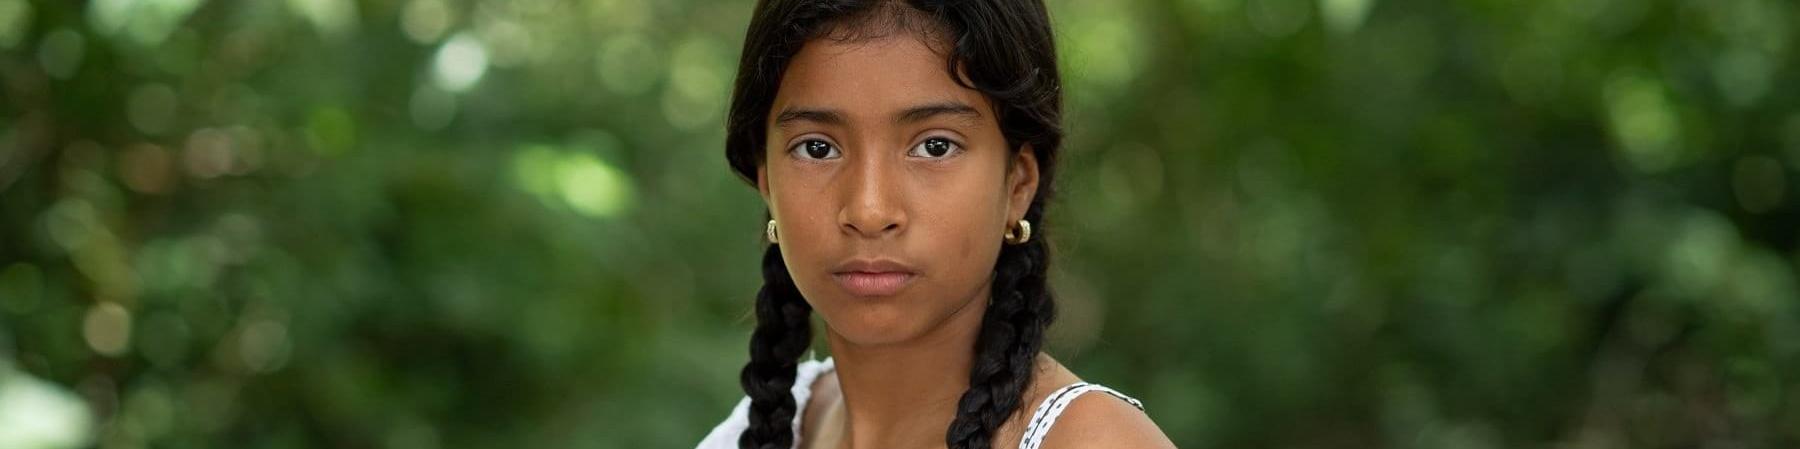 mezzo busto di una ragazzina mora con due treccine e maglietta bianca